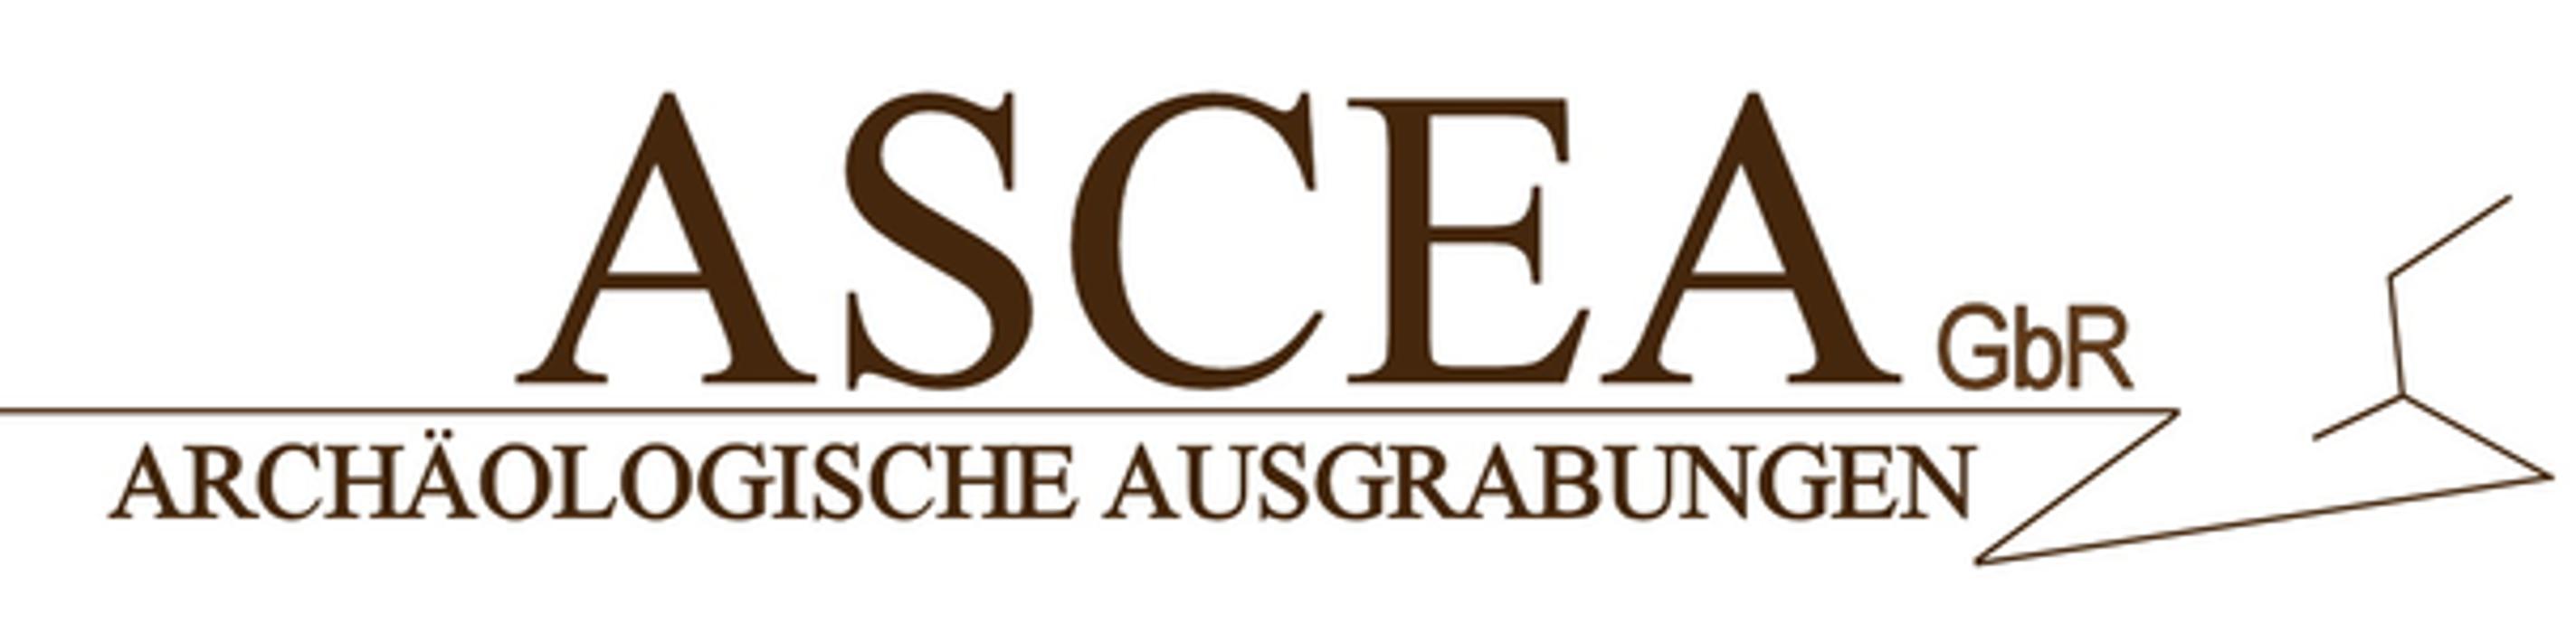 Bild zu ASCEA GbR in Landshut